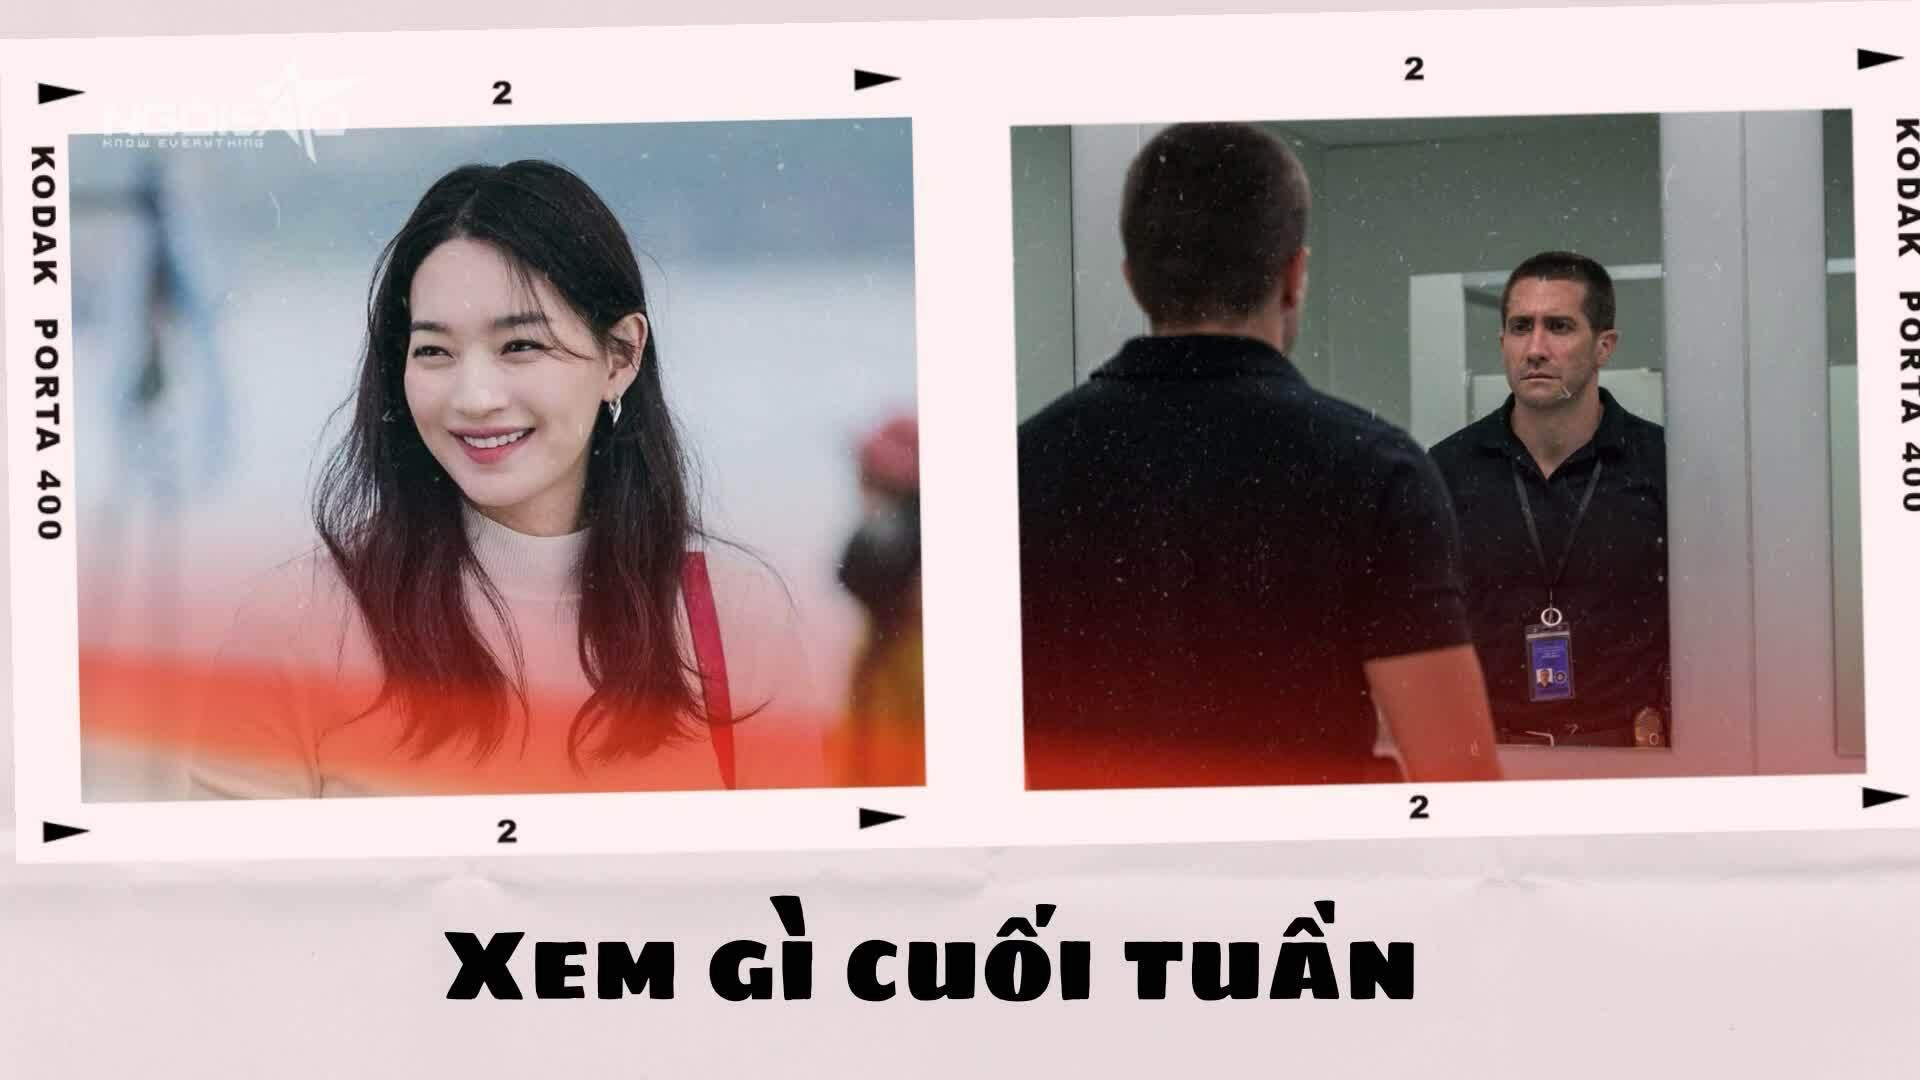 Xem gì cuối tuần: Dấu ấn Shin Min Ah qua các phim truyền hình